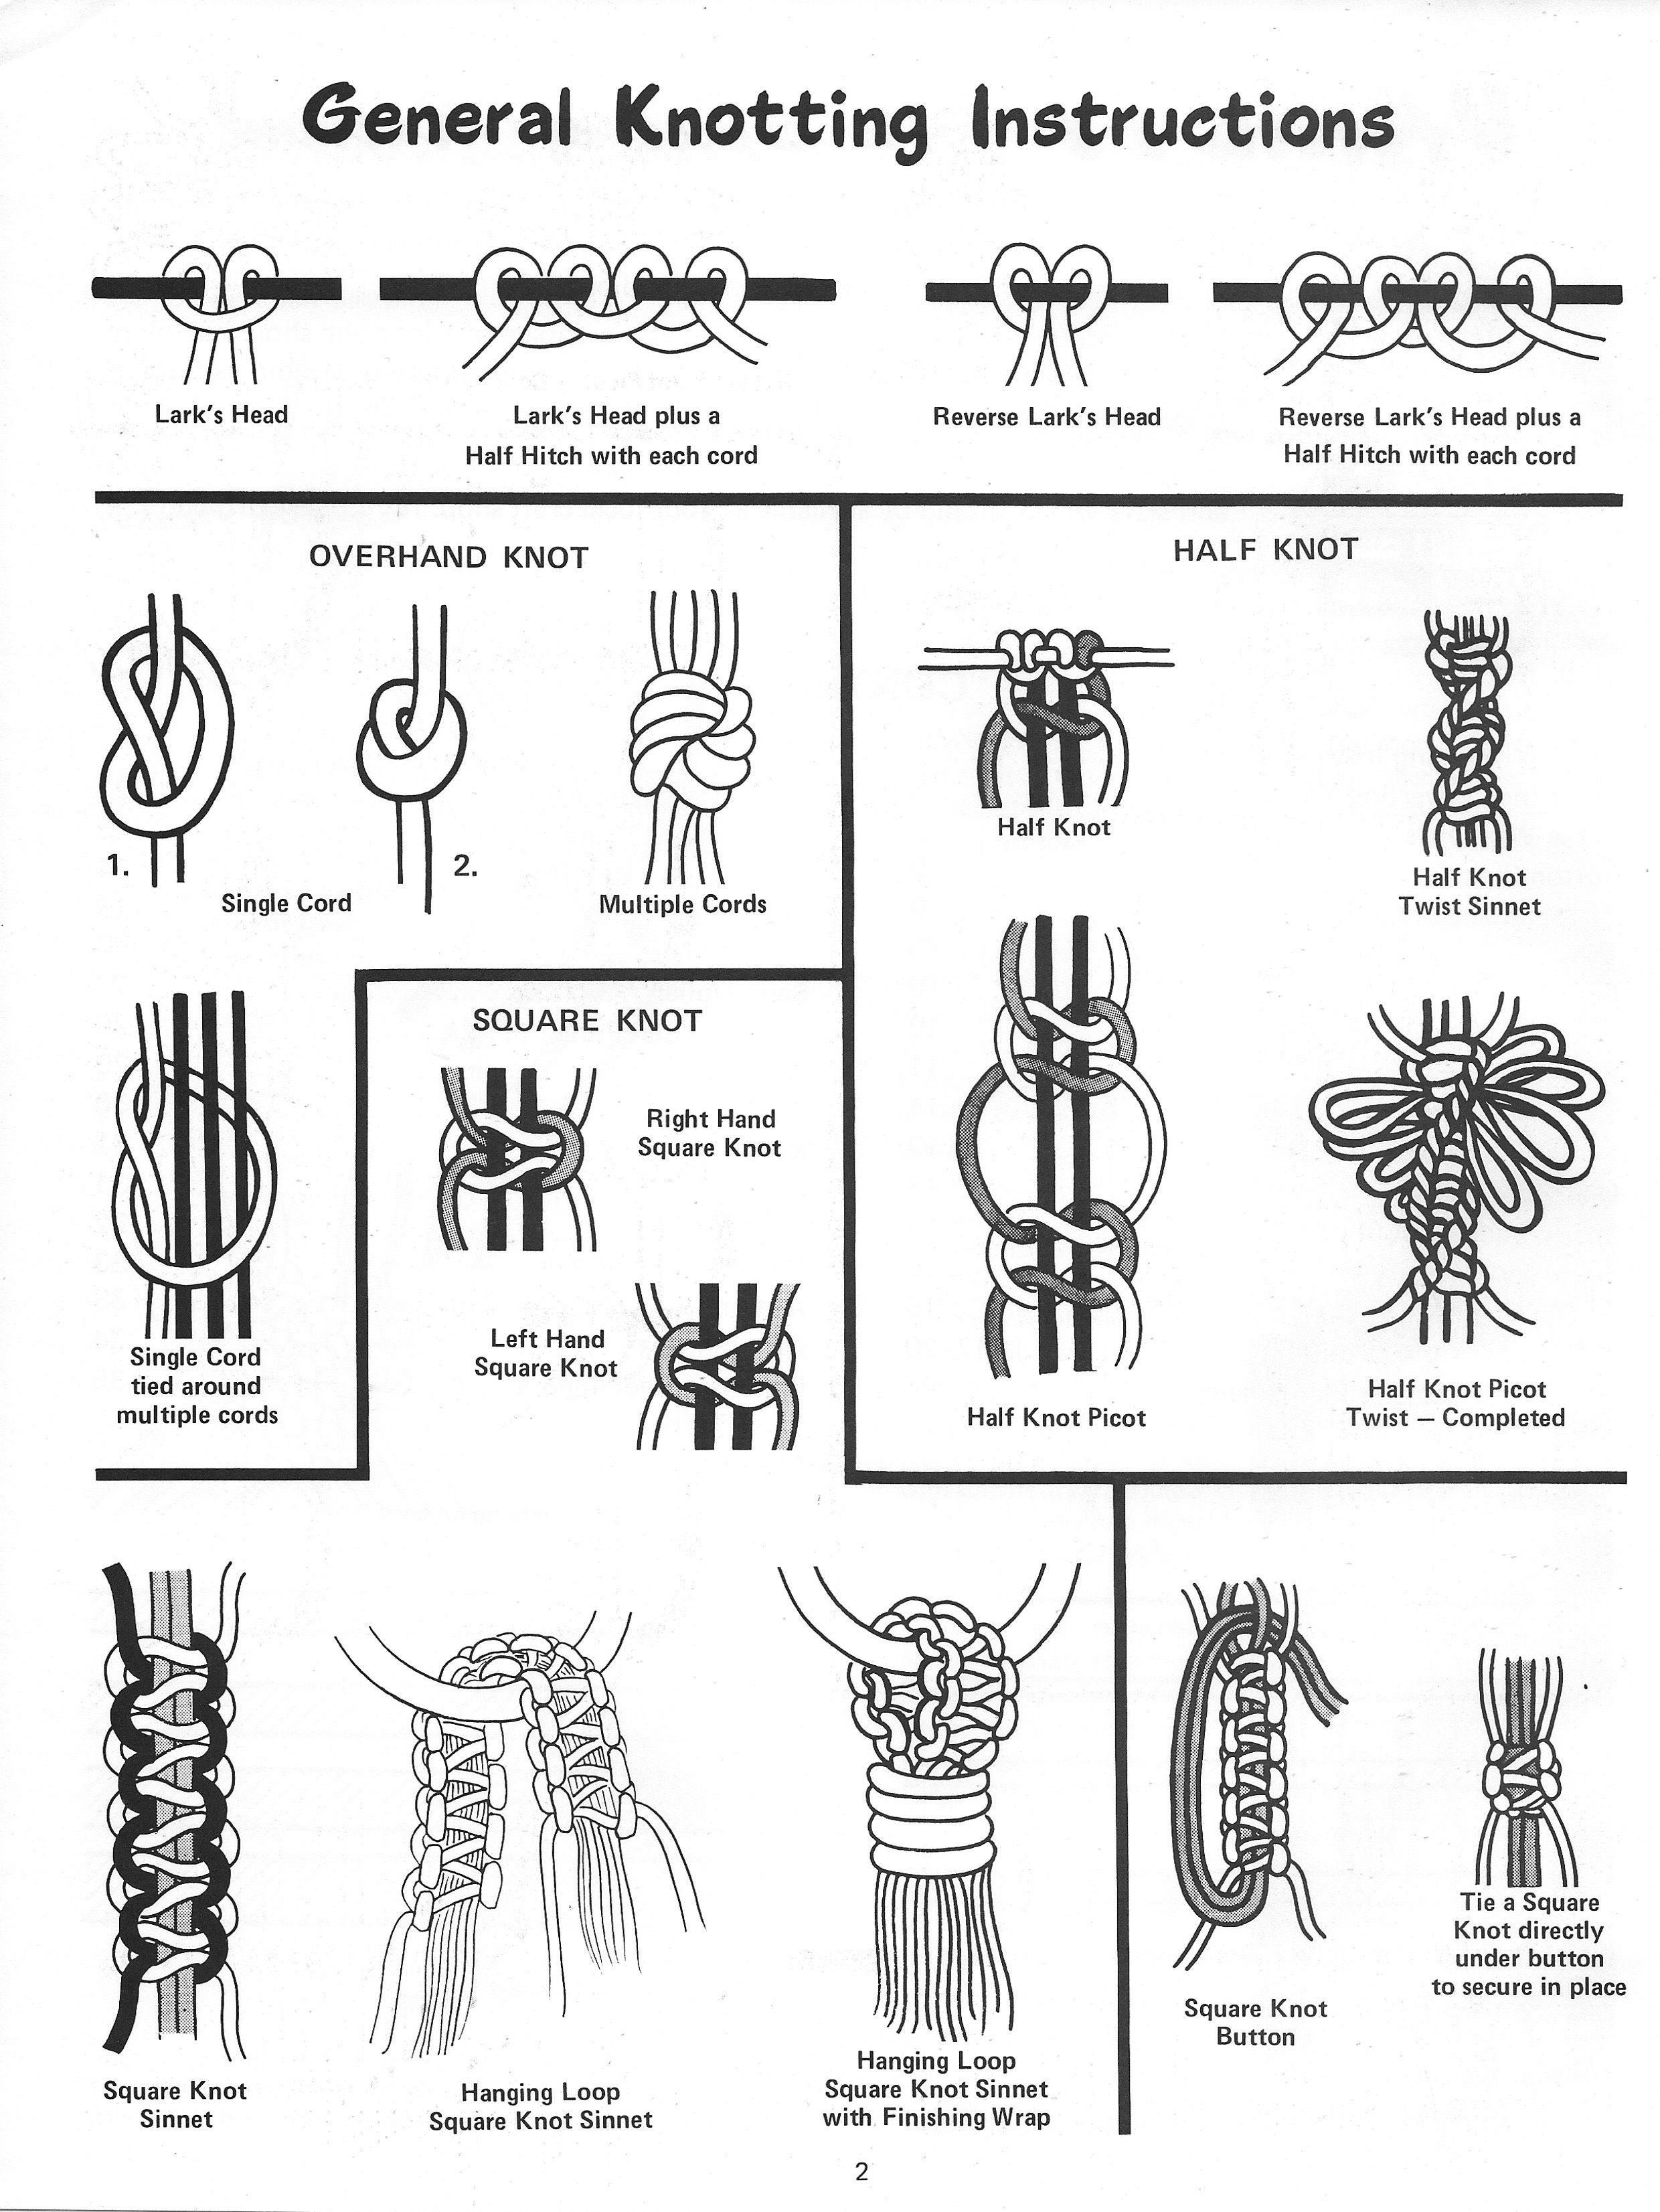 Variety The Spice of Macramé • 1970s Macrame Pattern Book